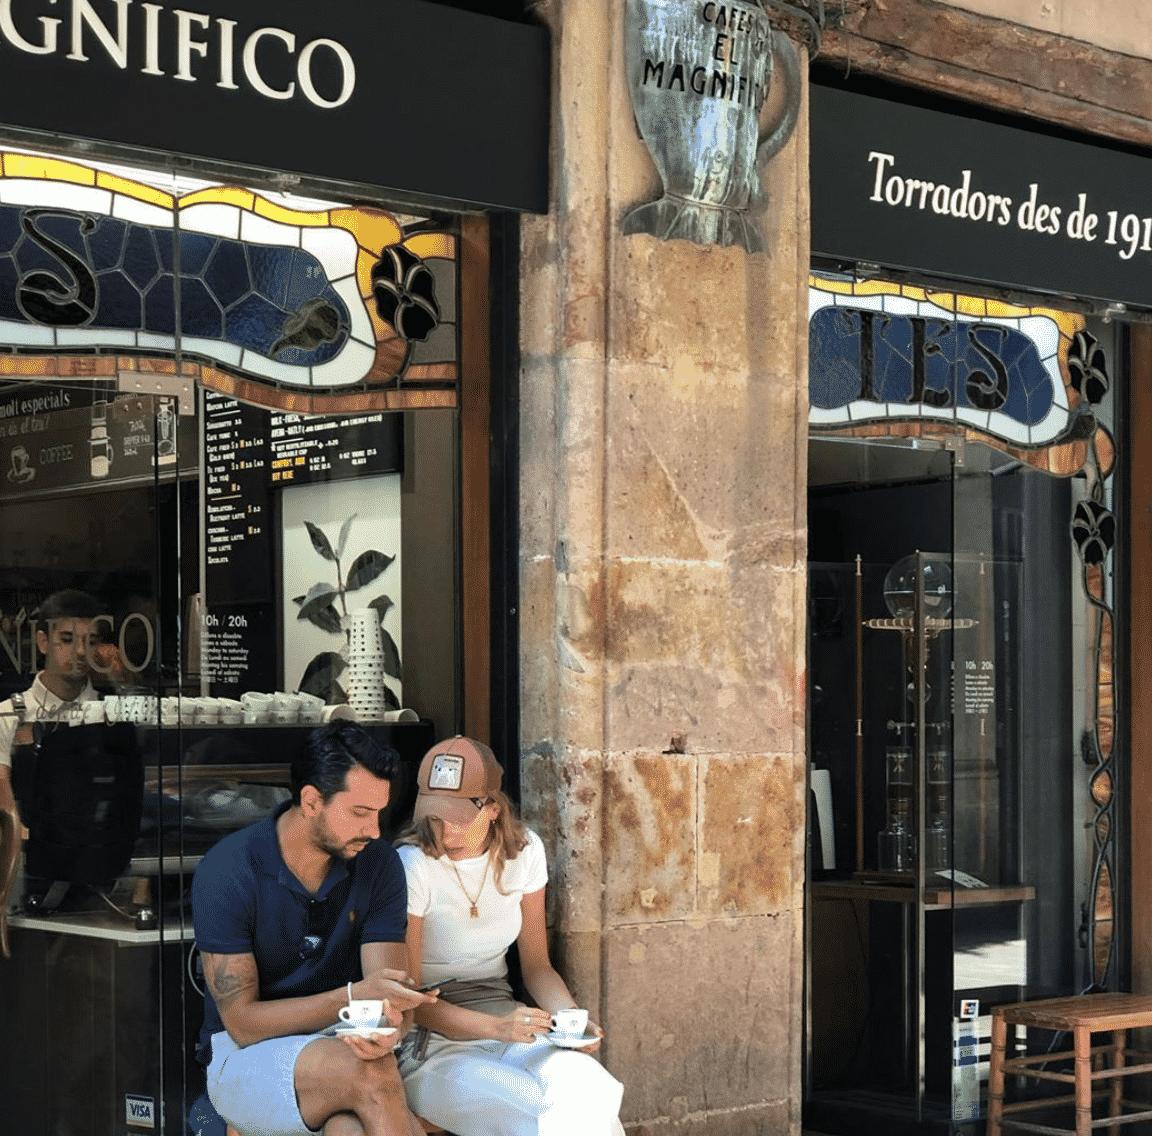 Cafés El Magnifico